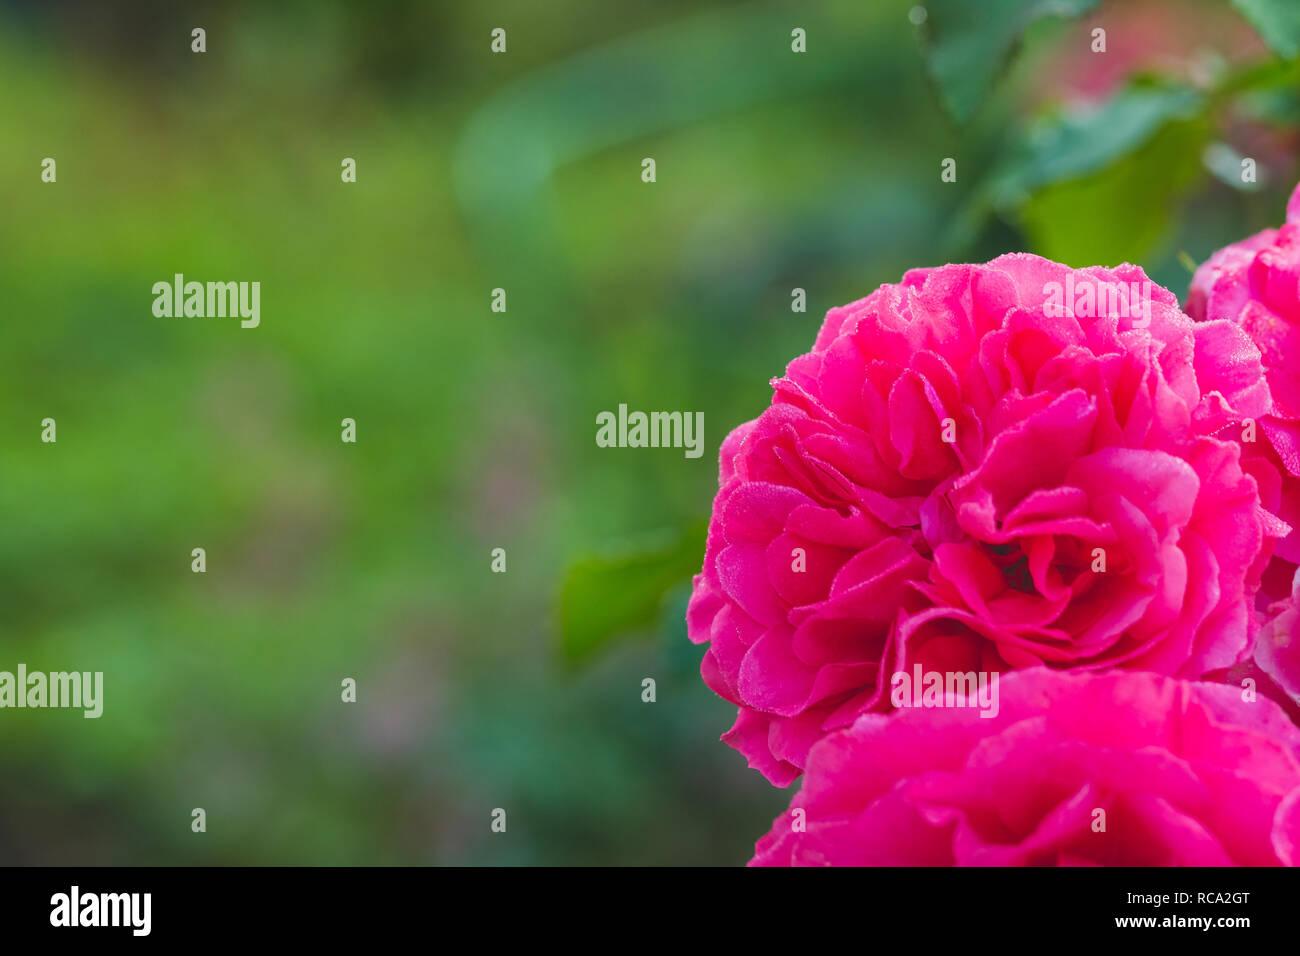 Bush Descalade Rose Roses Dans Un Jardinroses Dans Le Jardin Sont